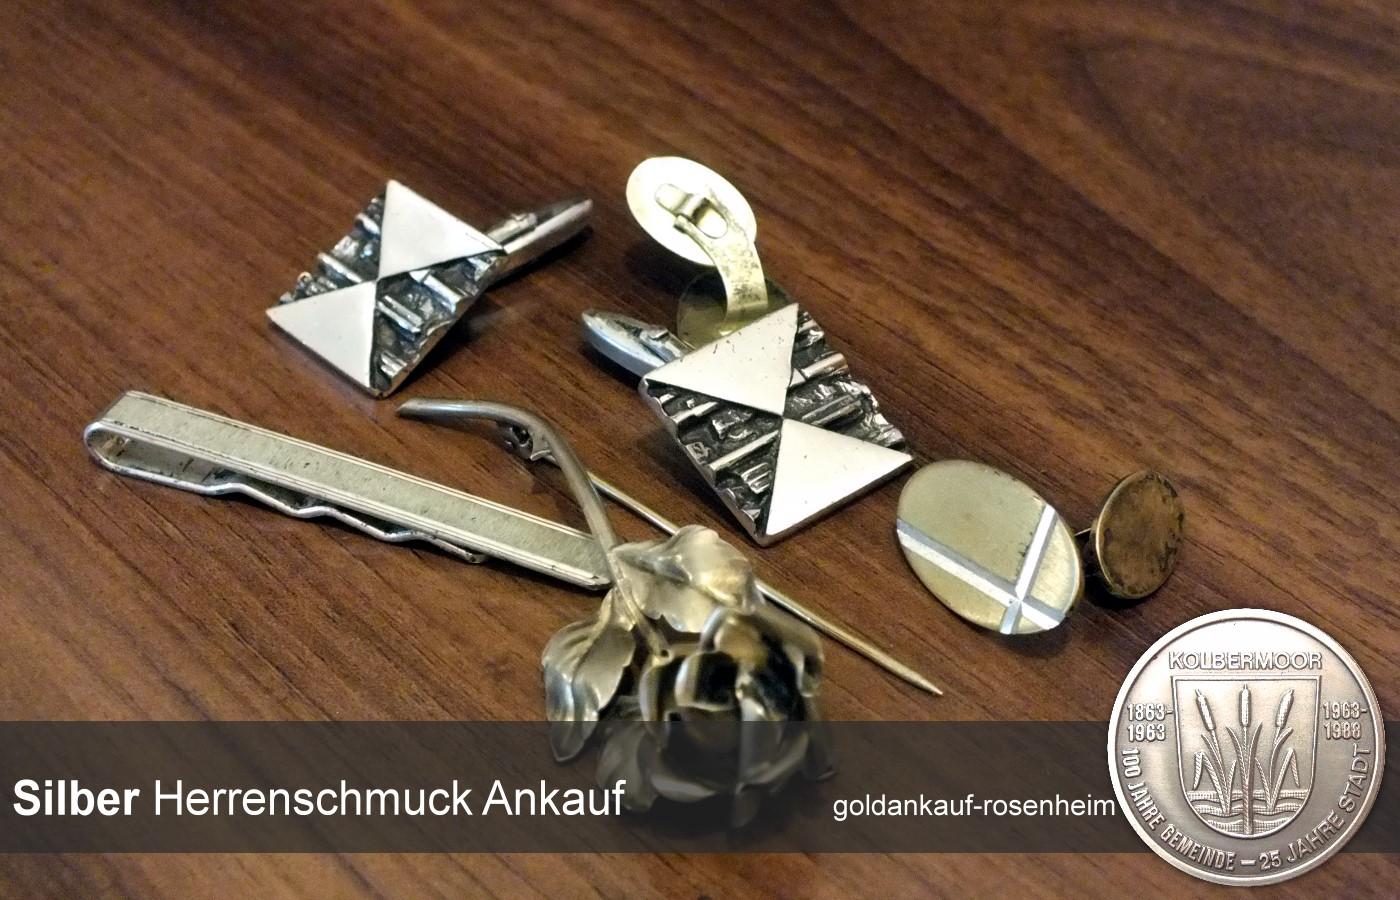 Schmuck verkaufen  Silber Schmuck Ankauf - Silberschmuck verkaufen